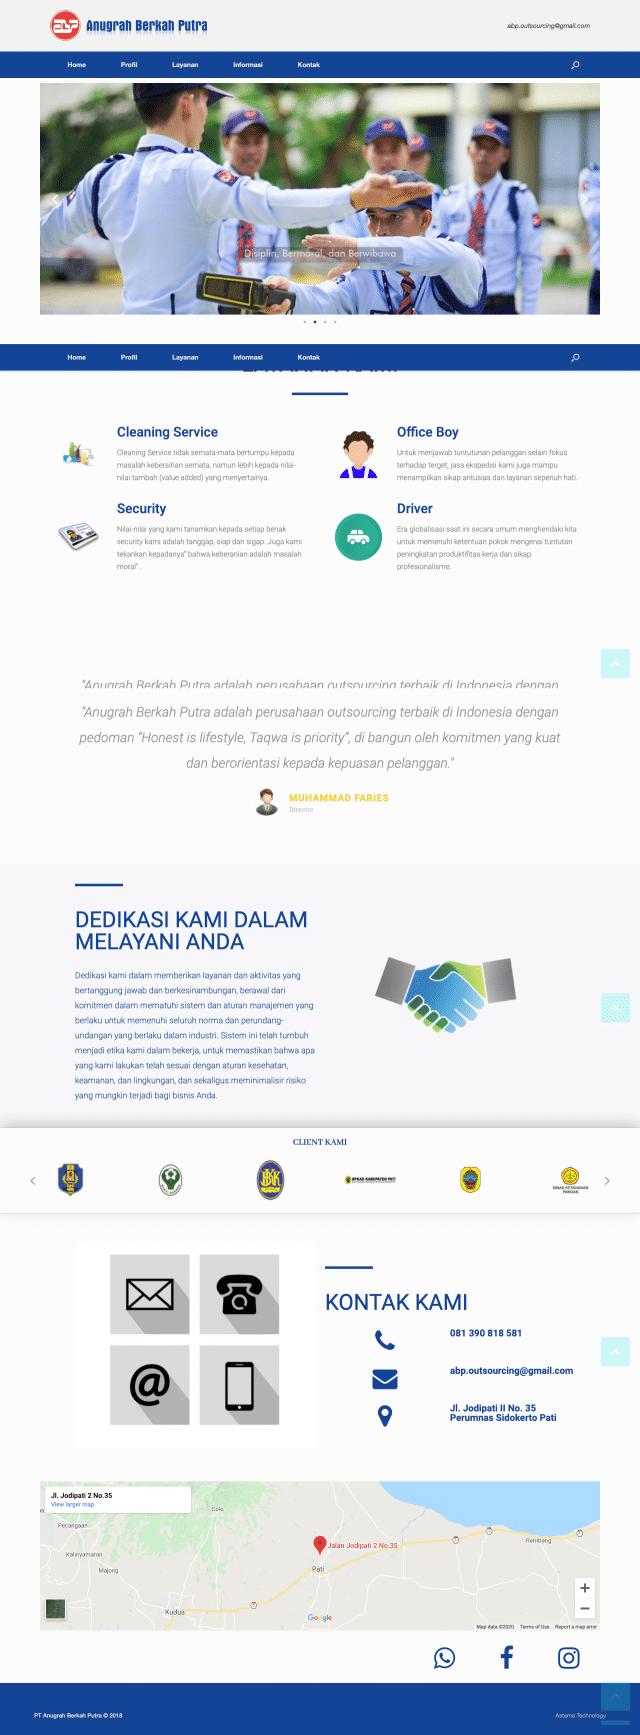 web desain pt abp